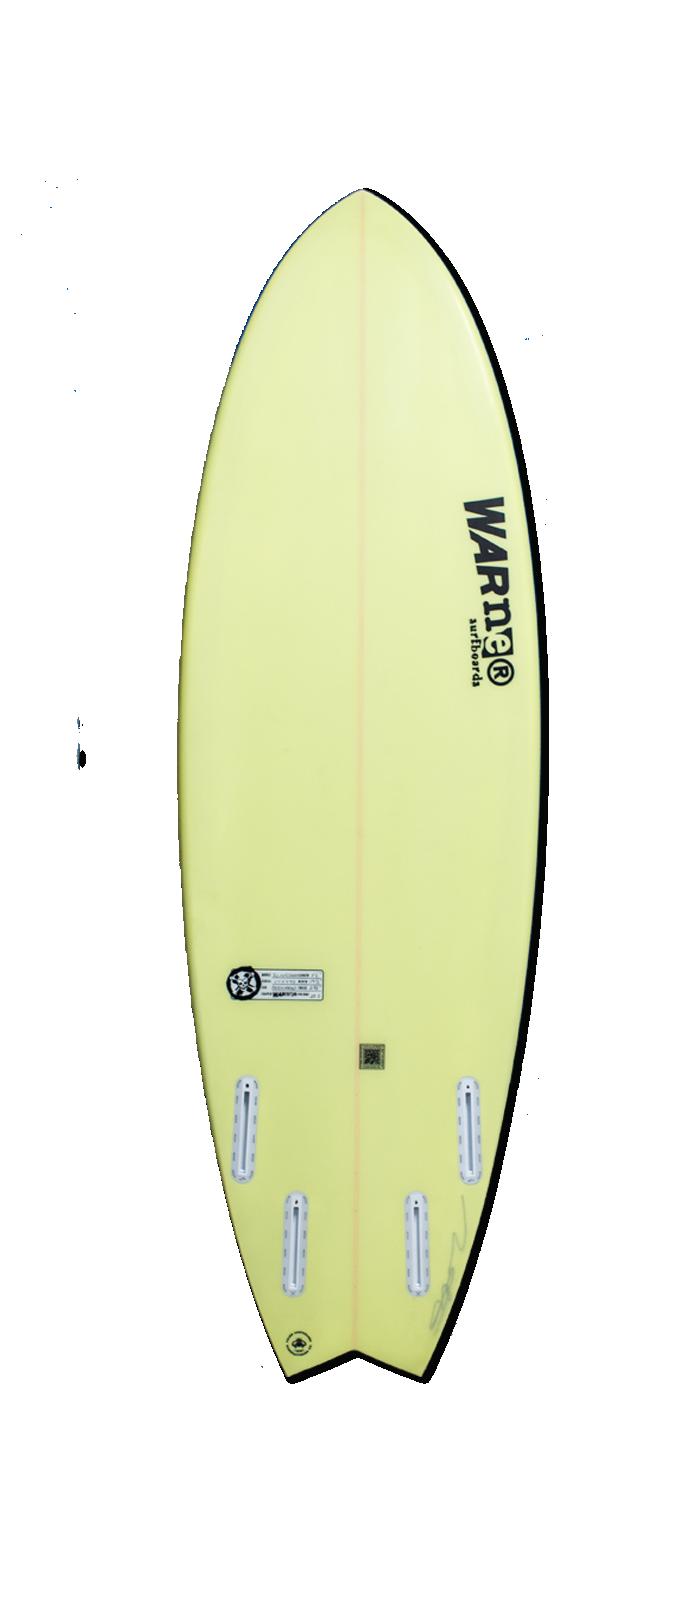 SLINGSHOT surfboard model bottom